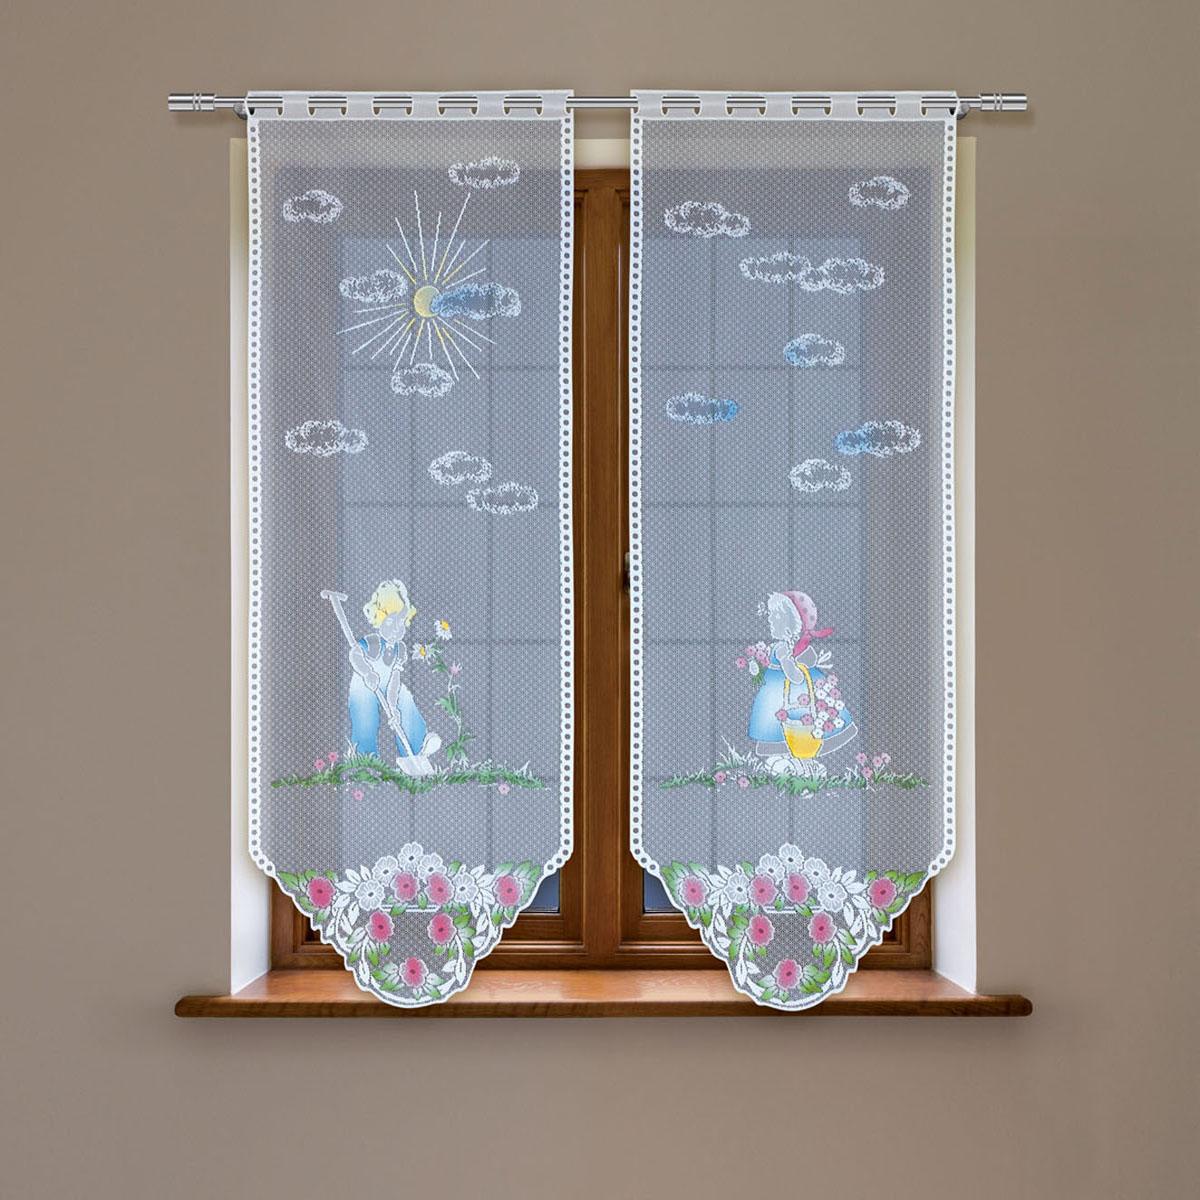 Гардина Haft, цвет: белый, высота 220 см. 4244Е/60SATURN CANCARDГардина Haft изготовленная из полиэстера, станет изюминкой интерьера вашей комнаты. Гардина имеет в верхней части полотна прорези, через которые гардина-витраж вывешивается на карниз или можно крепить на зажим для штор, который в комплект не входит.